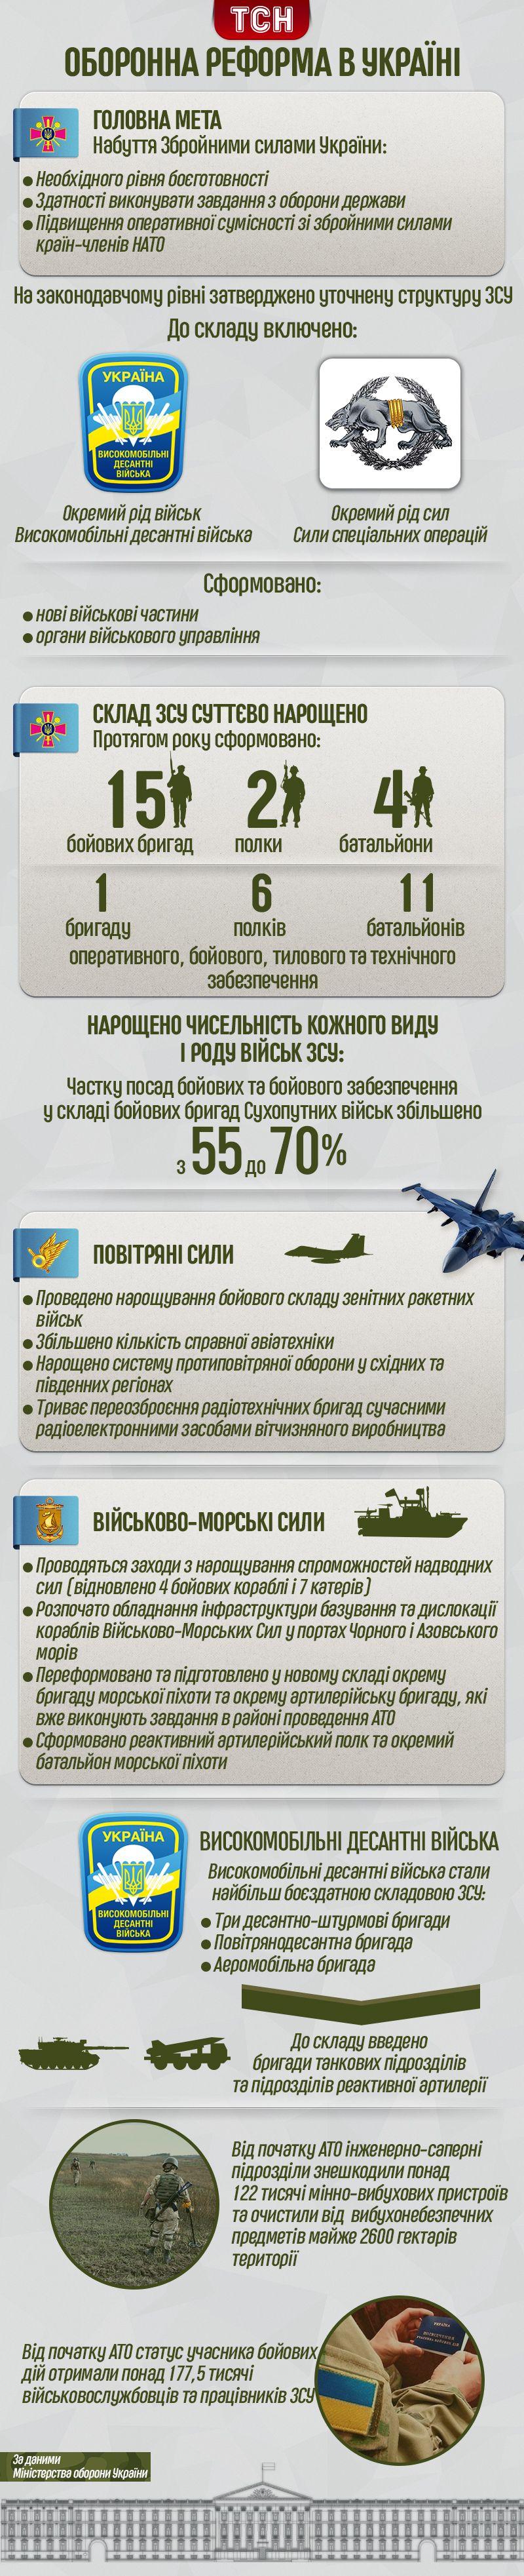 Оборонна реформа інфографіка